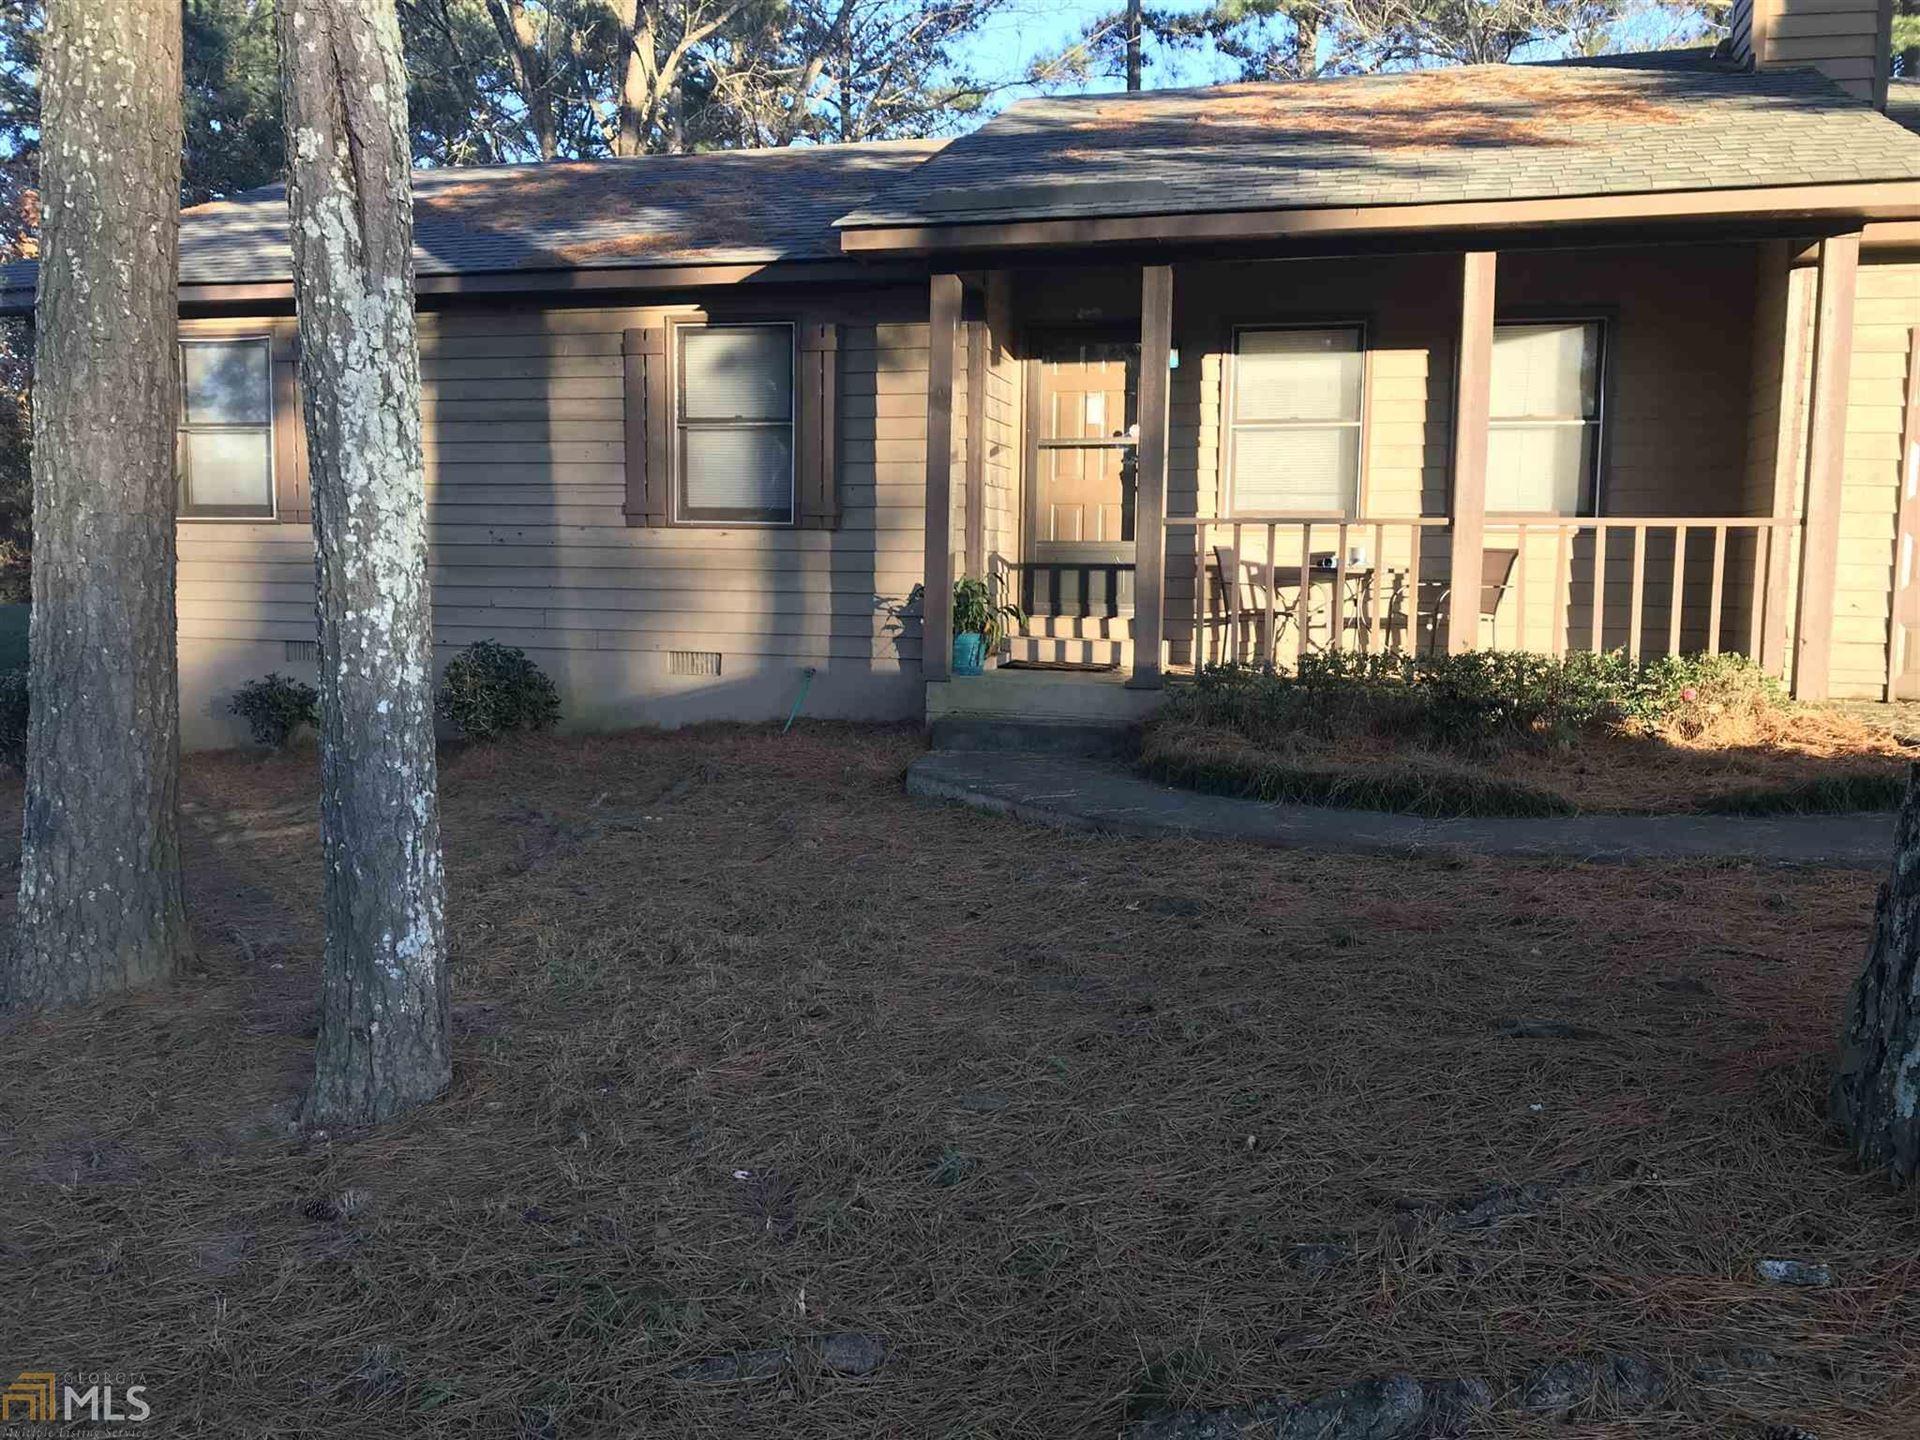 1402 Wethersfield Rd, Snellville, GA 30078 - MLS#: 8896156